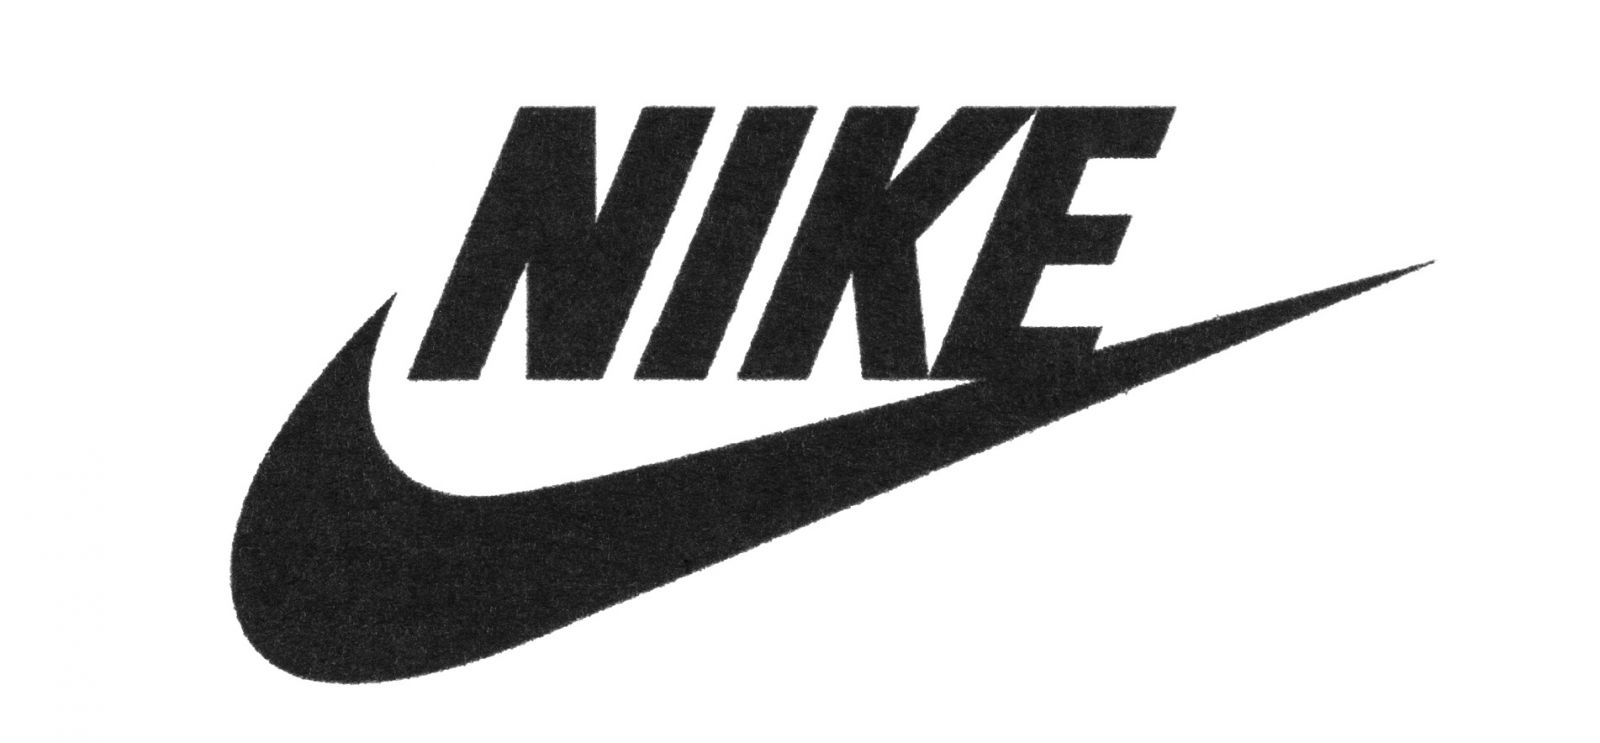 改變銷售策略 Nike合作零售商3萬家砍至40家